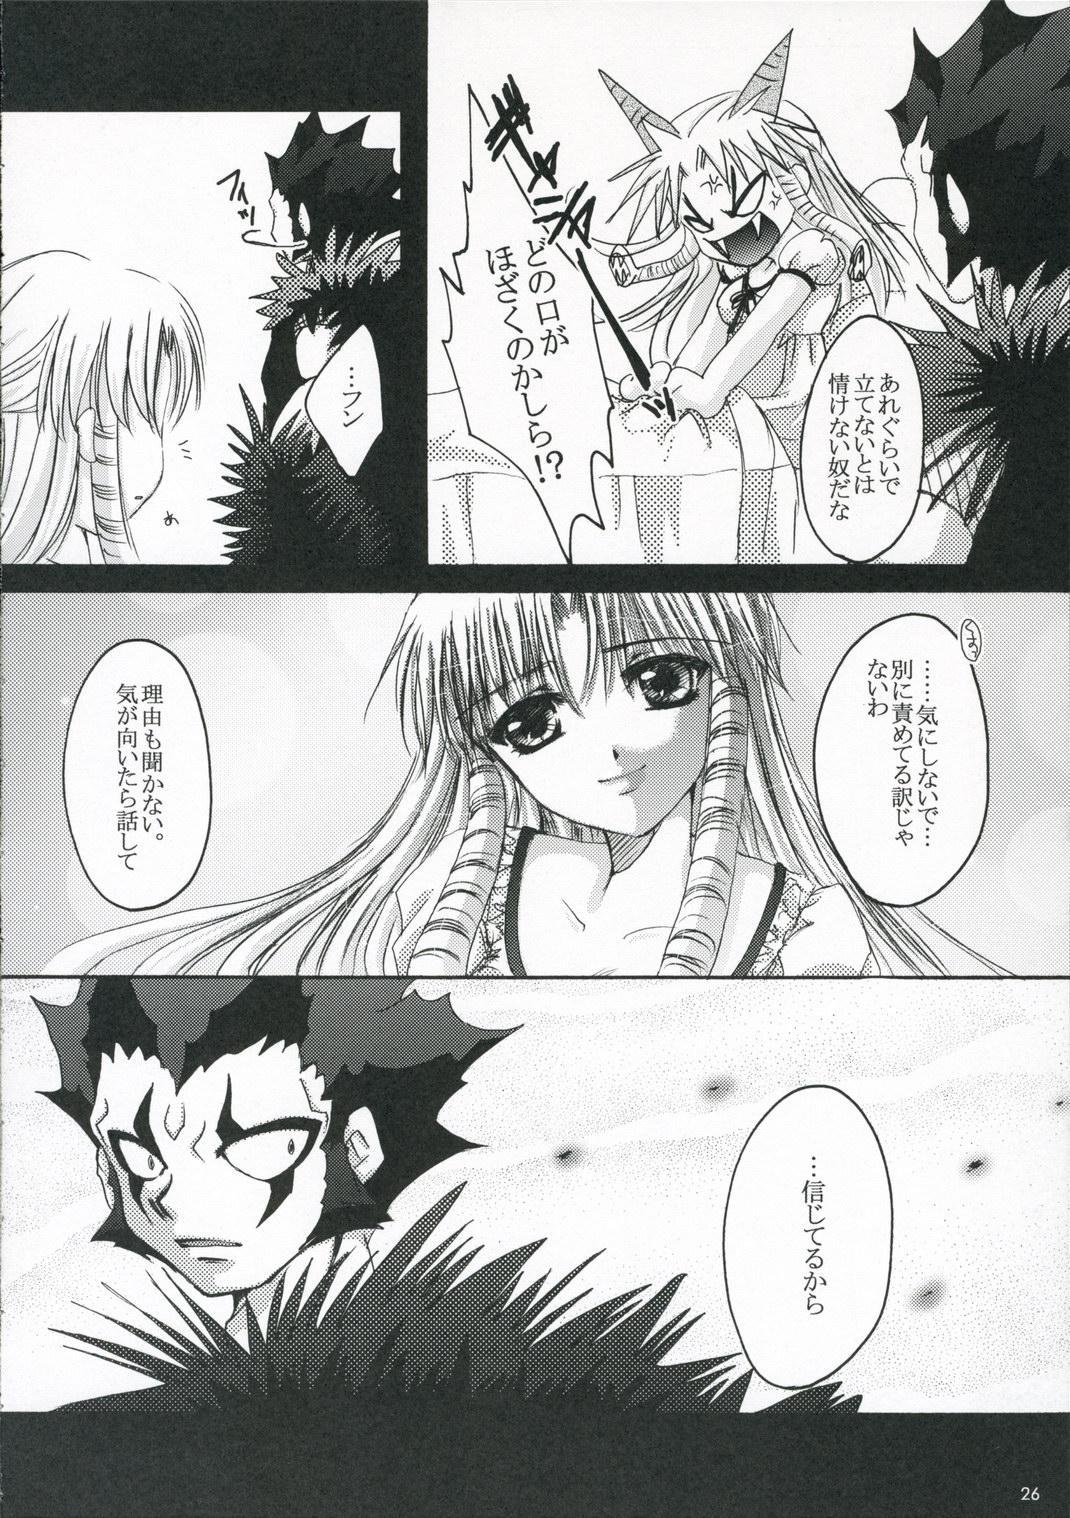 Kagiri Naku Kuro ni Chikai Shiro 25